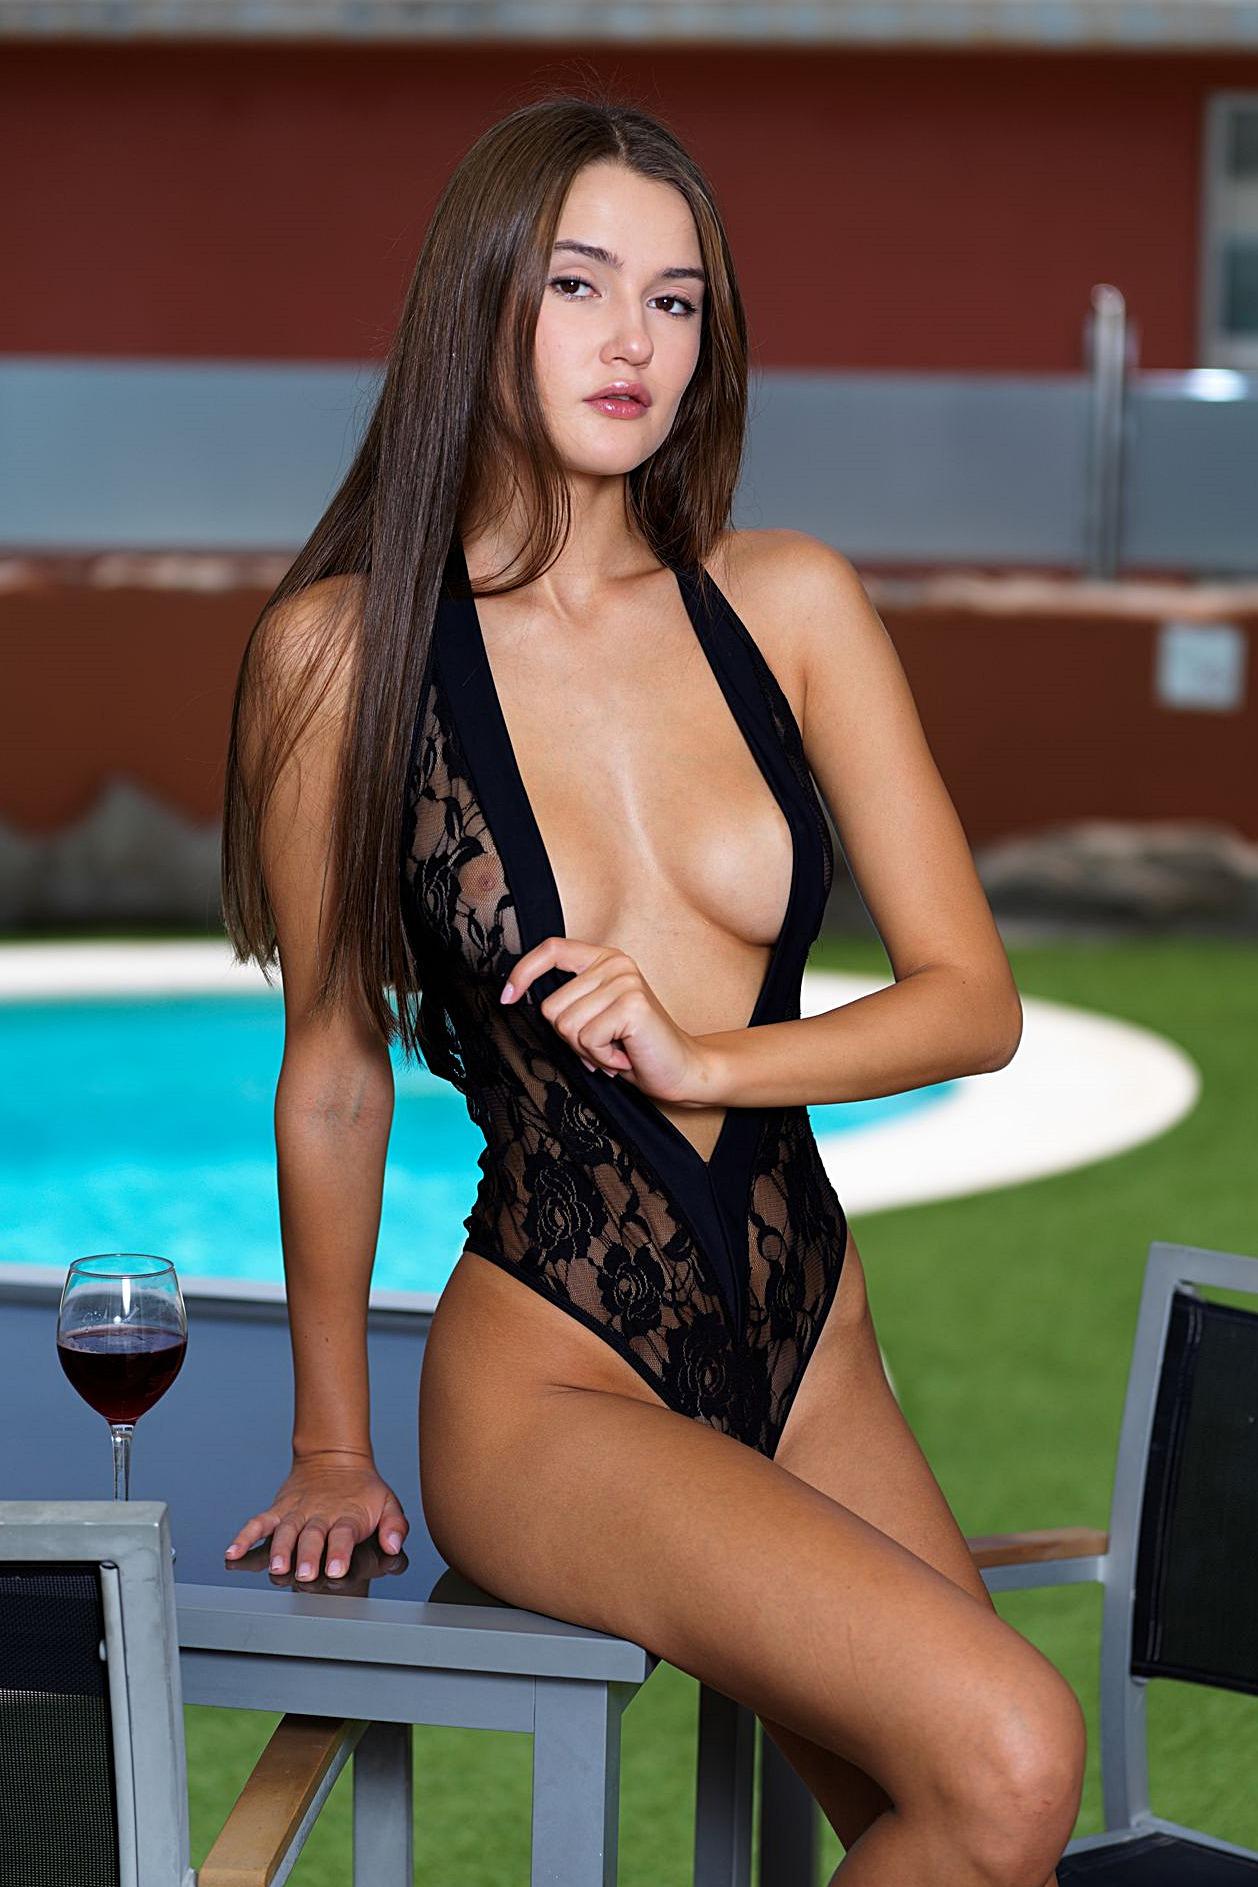 Presenting Sonya Blaze